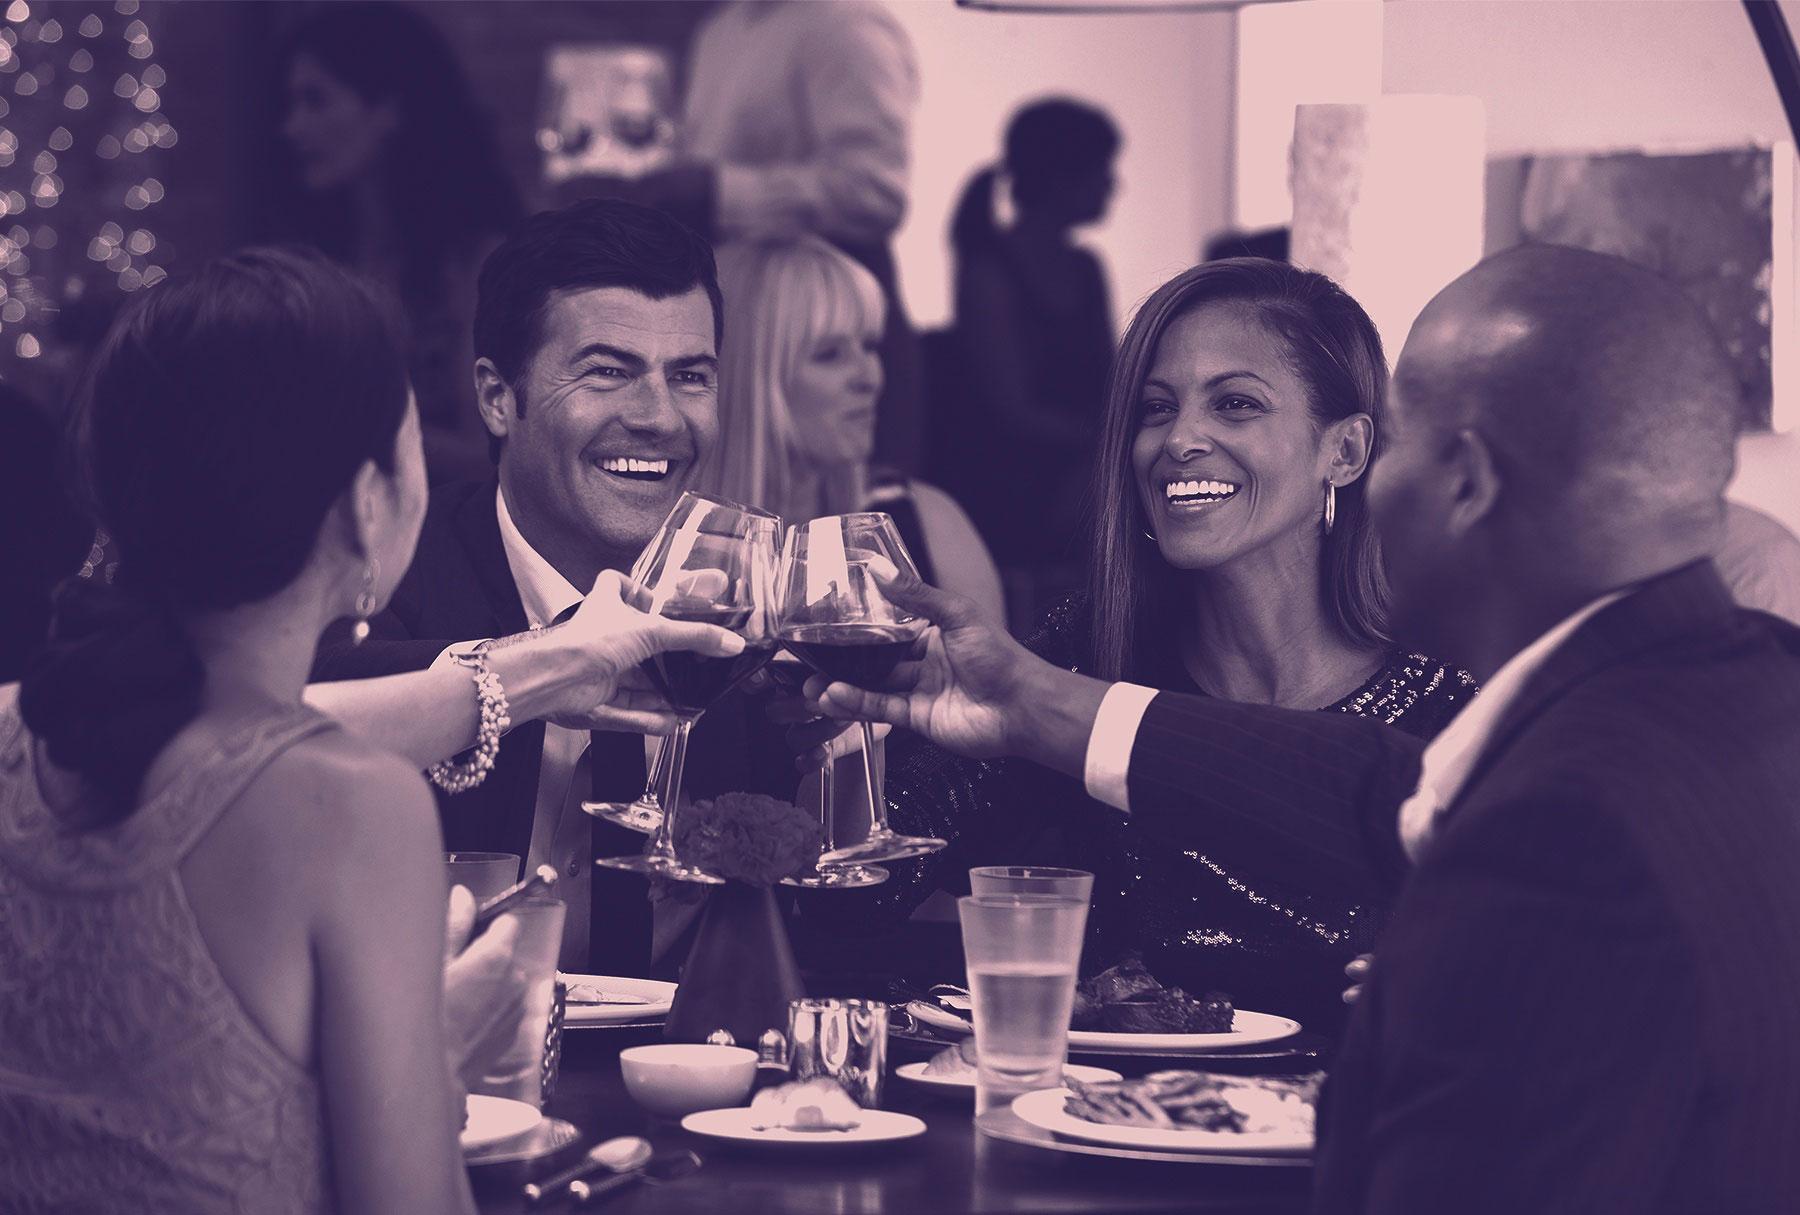 gala-dinners